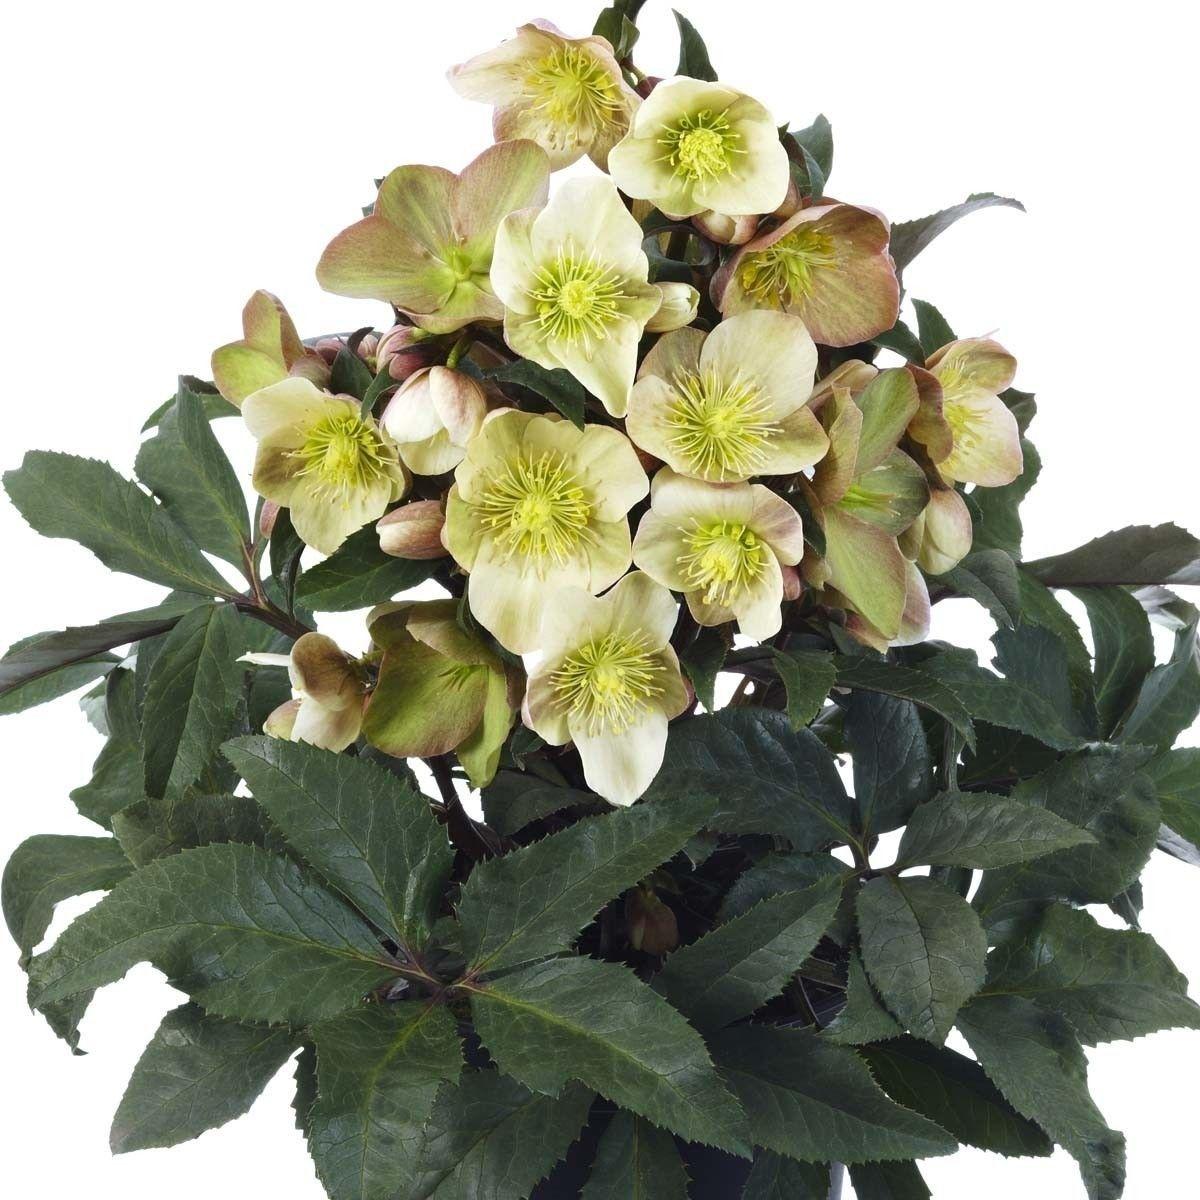 Rispen Hortensie Fraise Melba Jetzt Bestellen Bei Winterharte Pflanzen Garten Pflanzen Freiland Hortensie